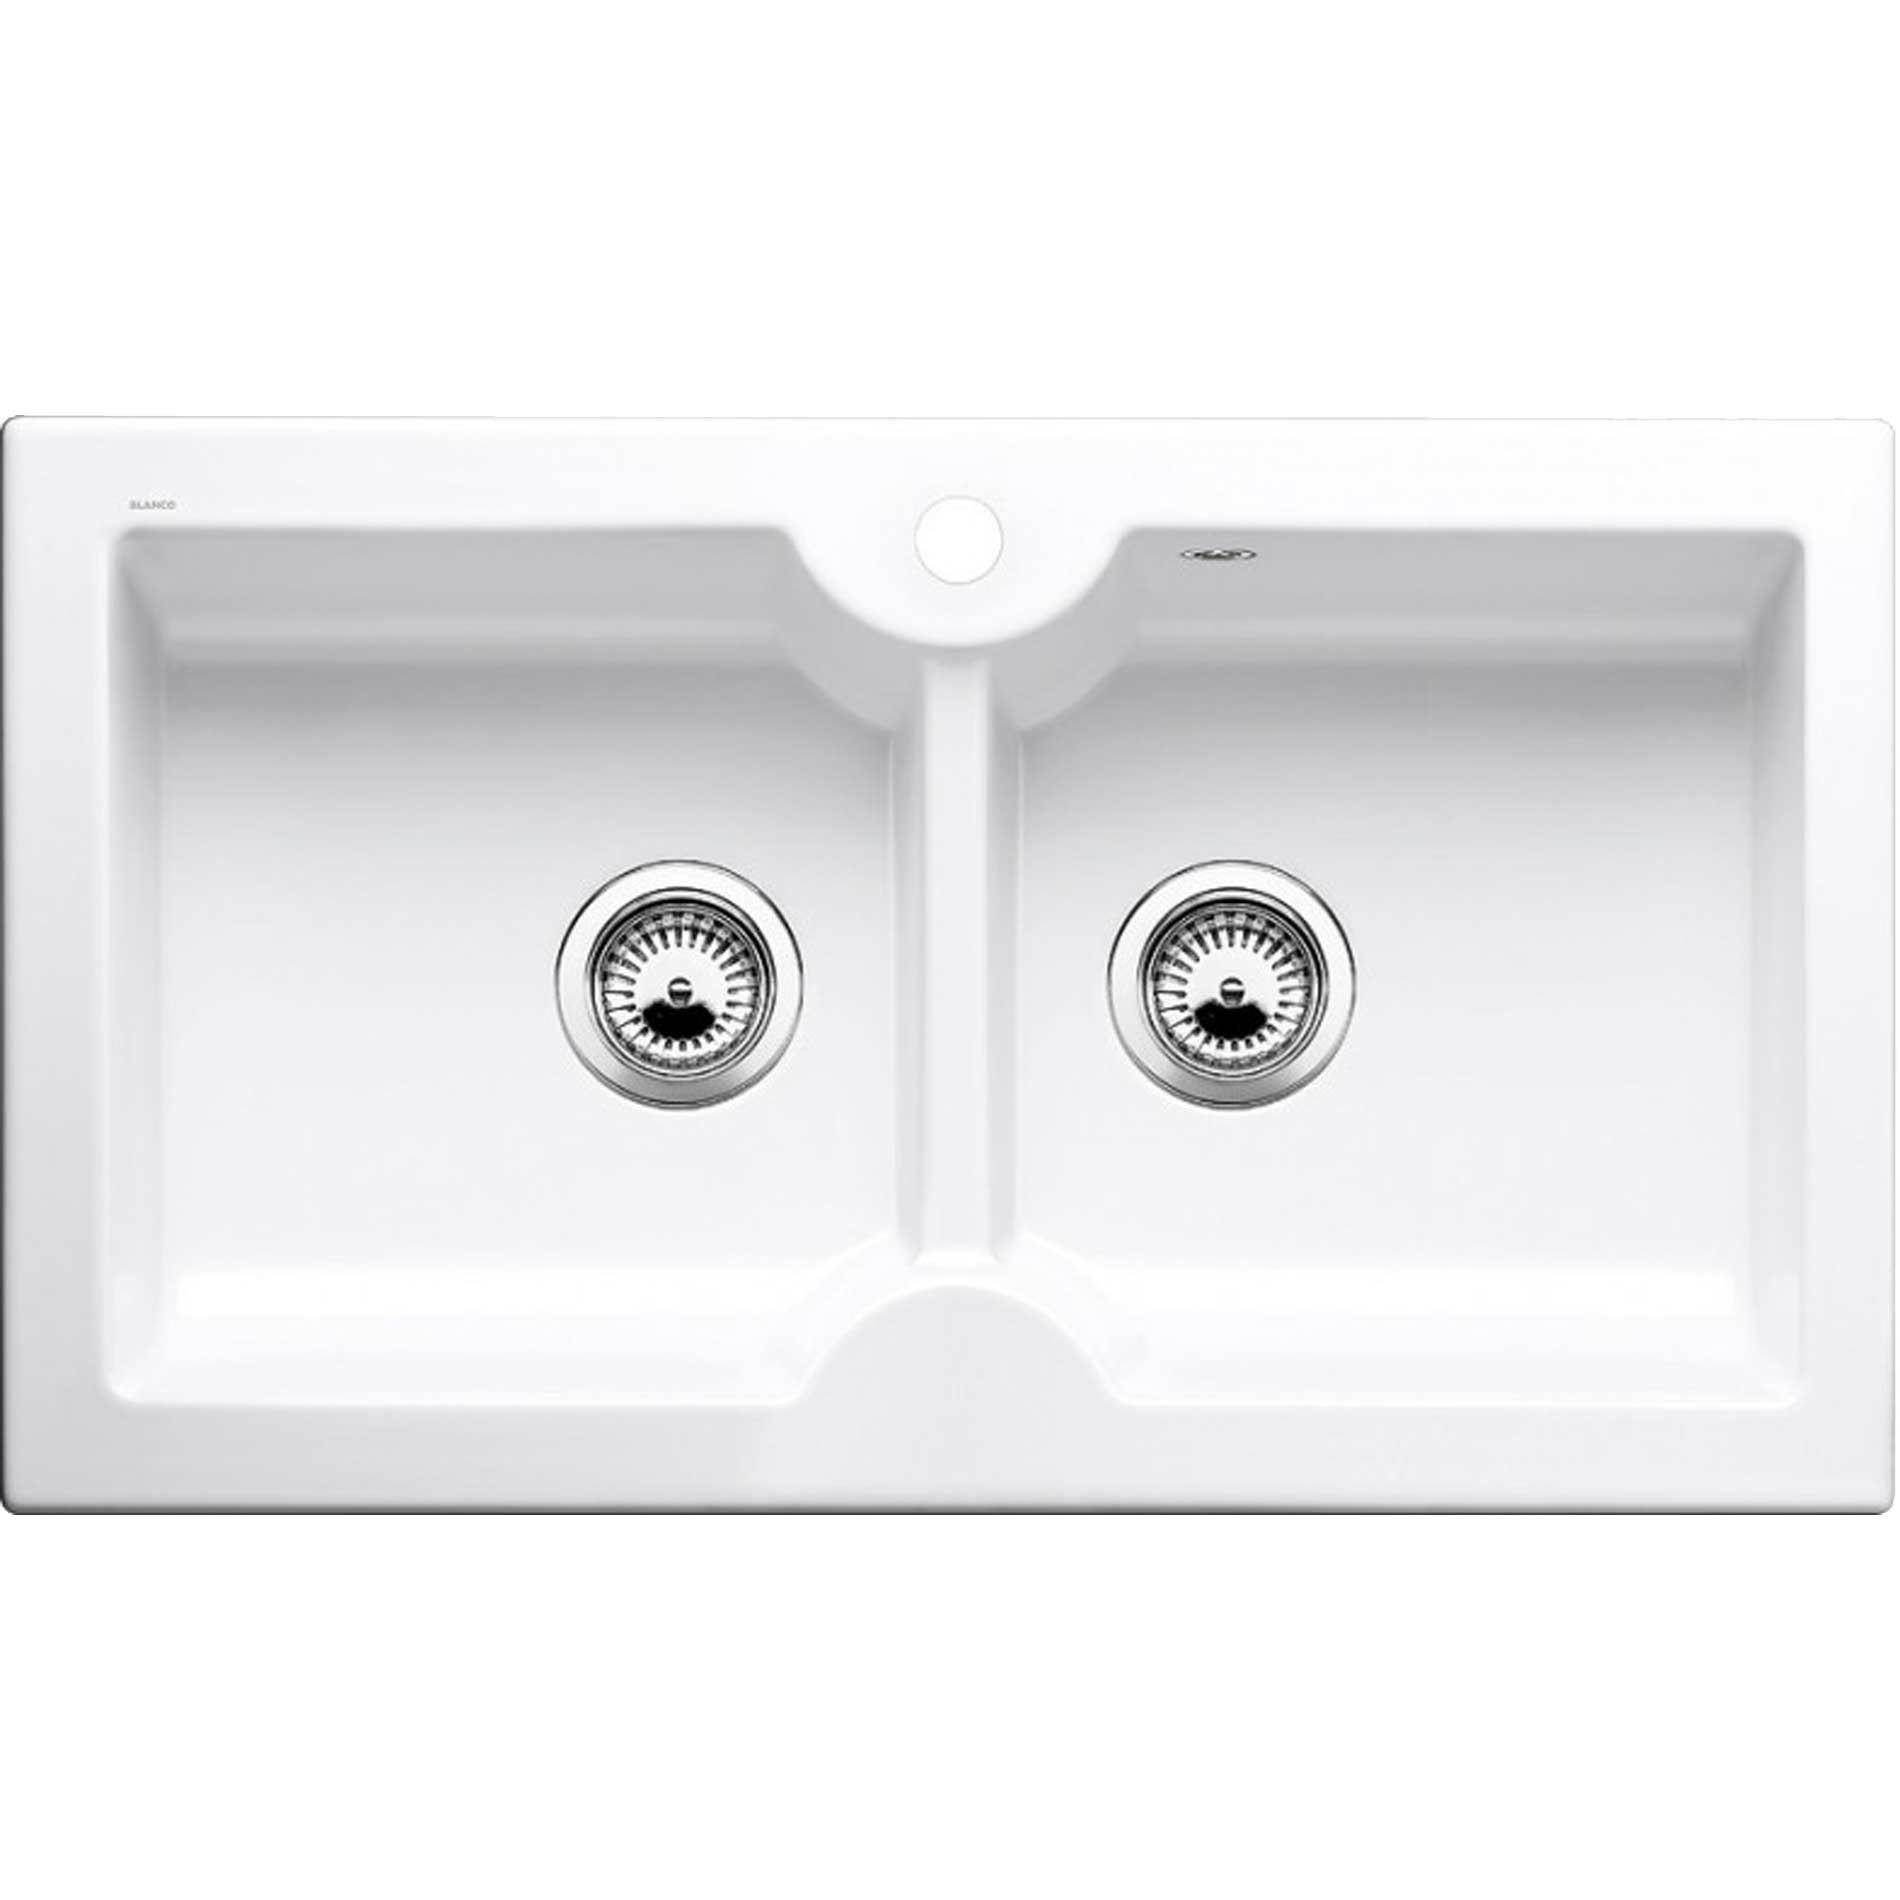 Blanco: Idessa 9 Ceramic Sink - Kitchen Sinks & Taps